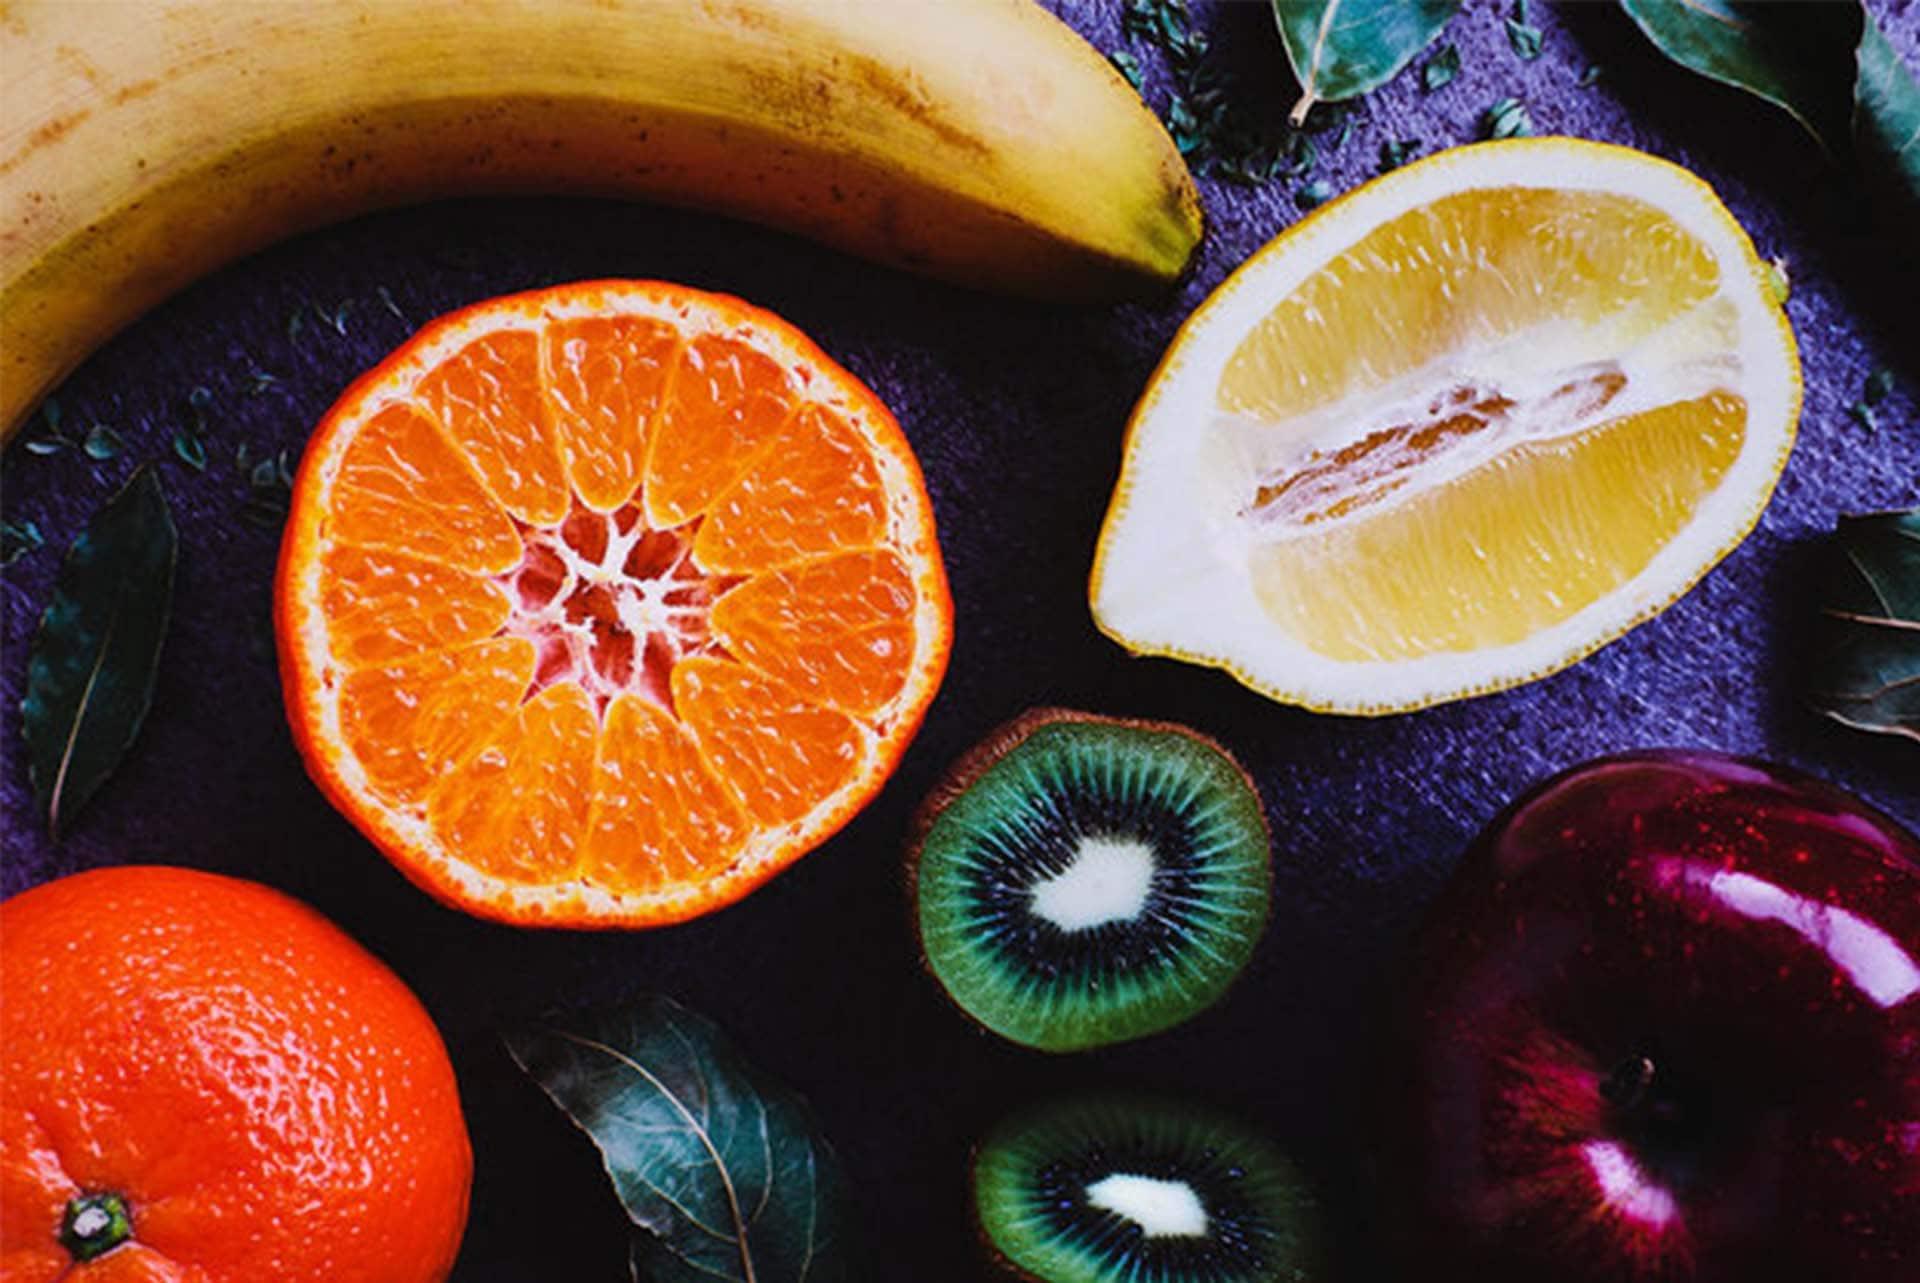 Saç Gelişimi Ve Sağlıklı Cilt İçin En İyi Vitaminler